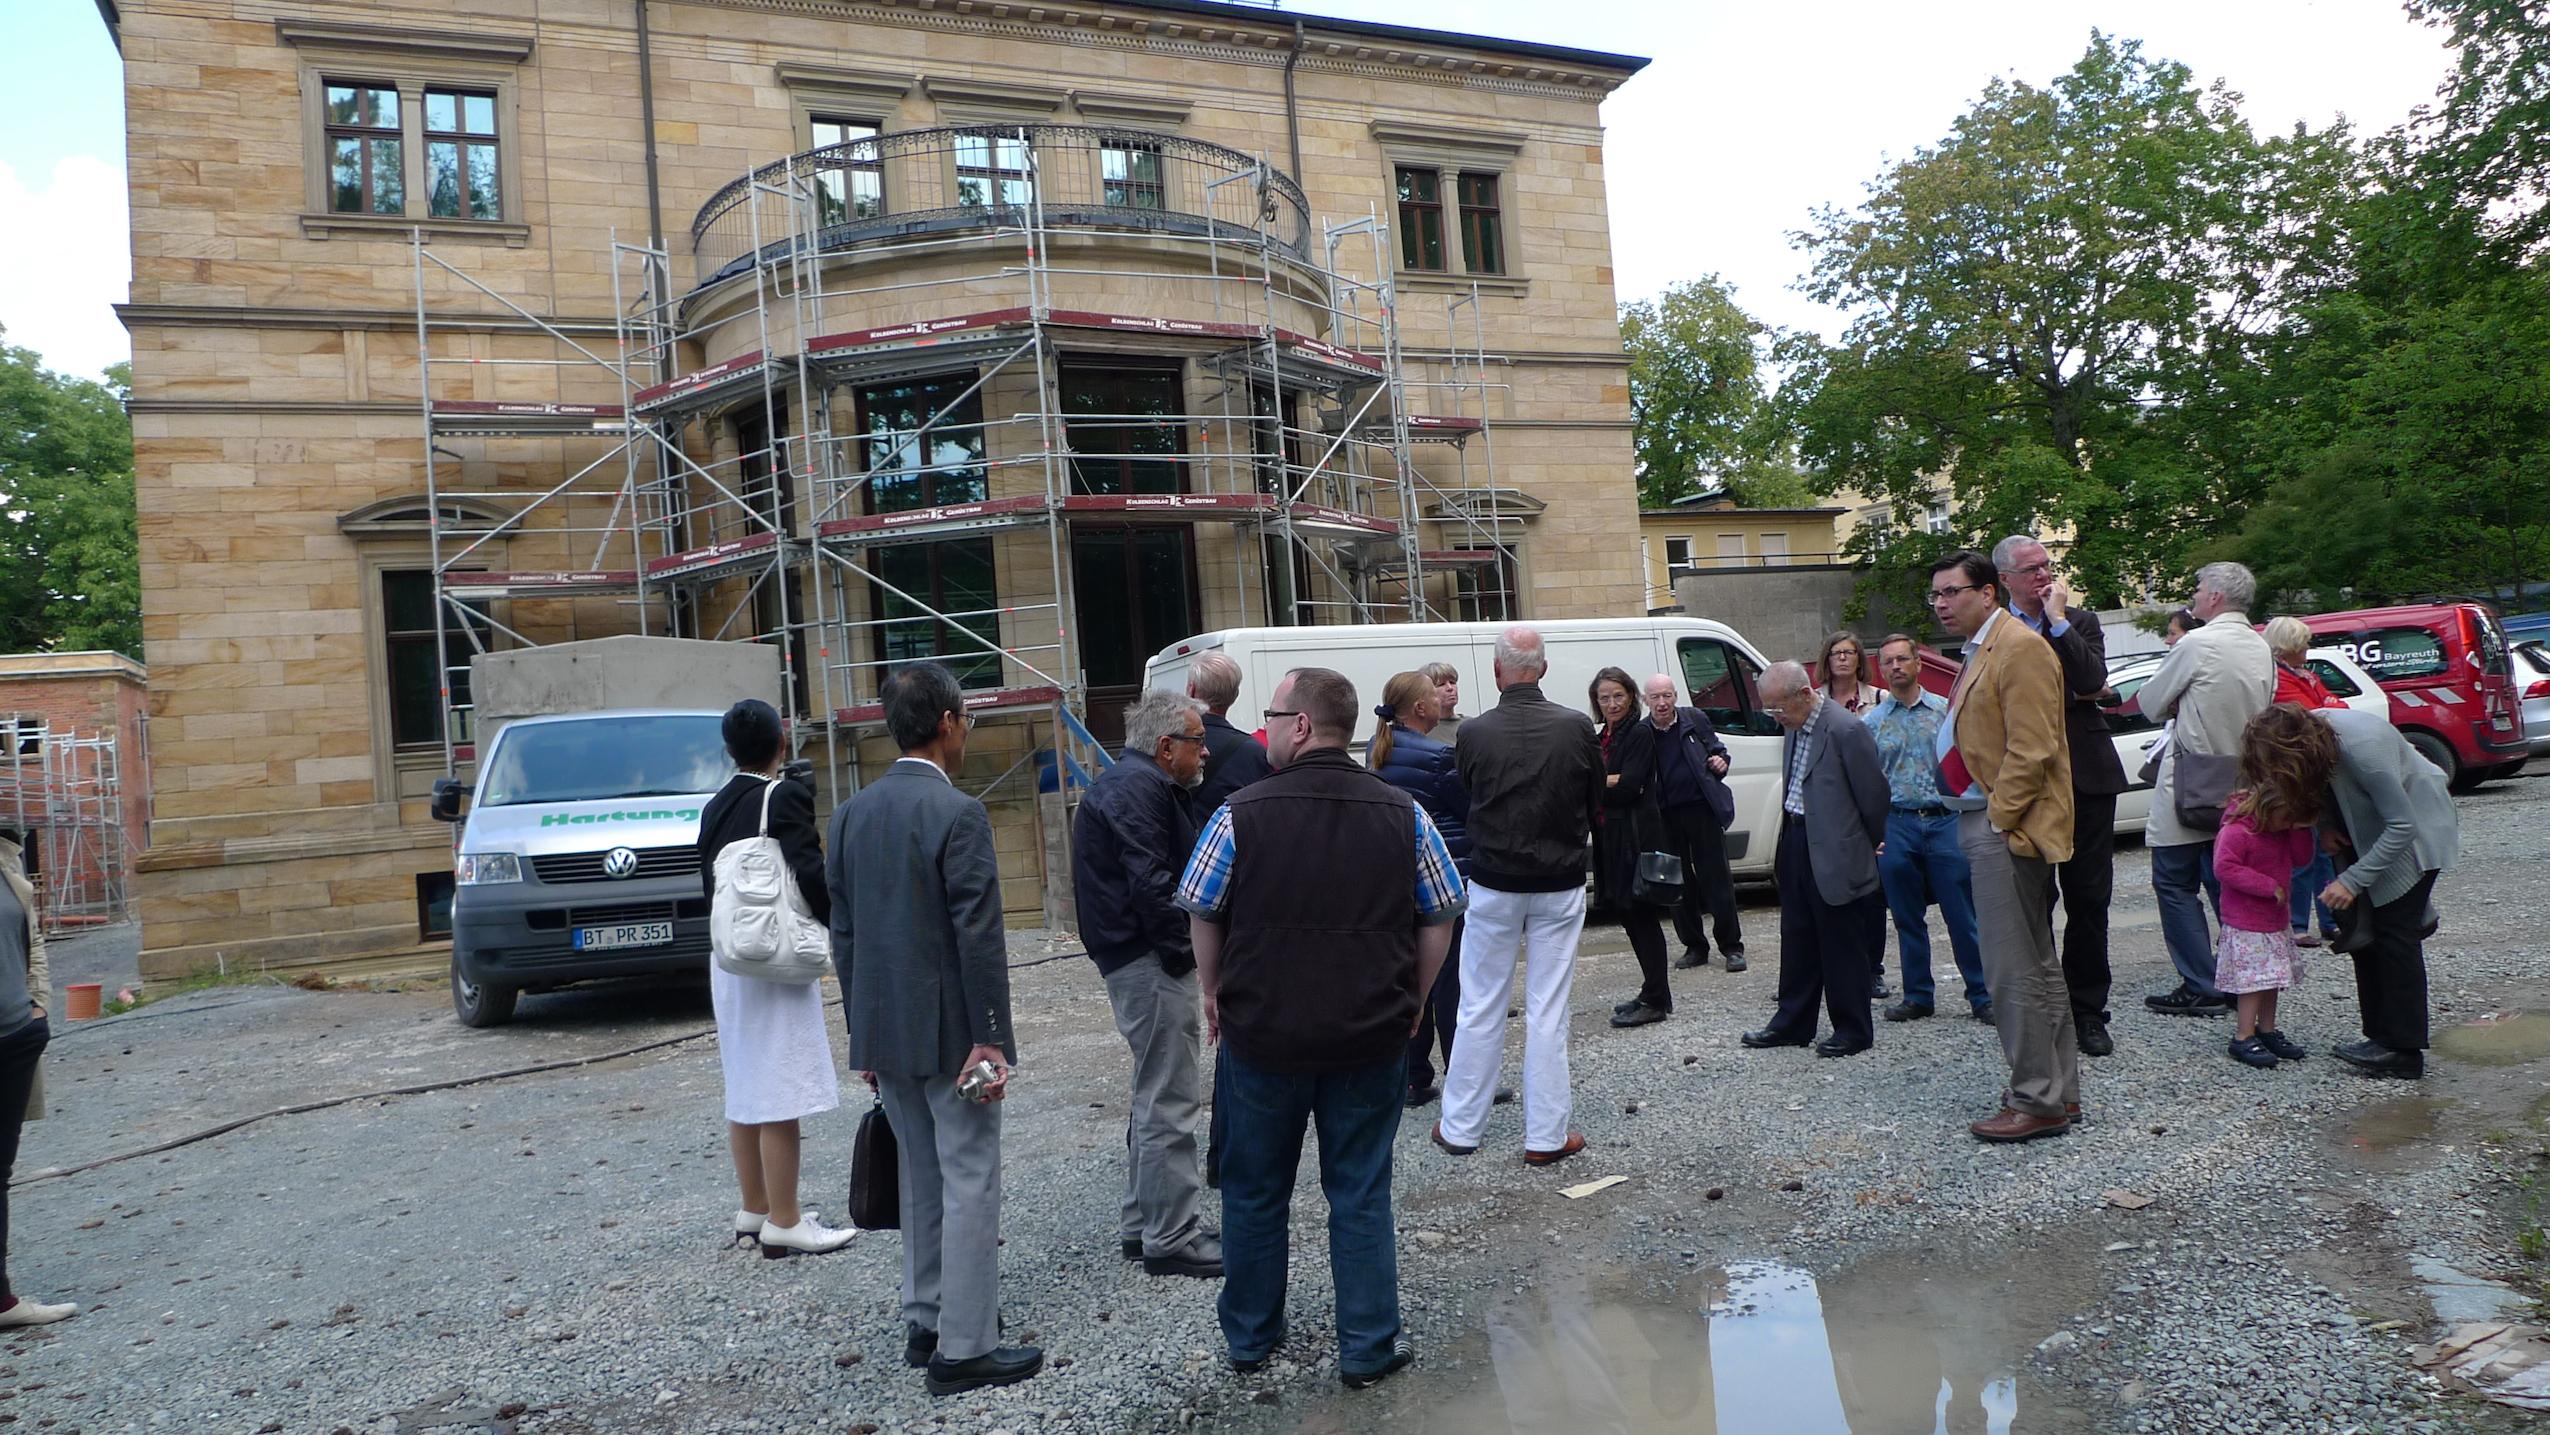 Attraktion Baustelle: Täglich kommen Interessenten, um zu sehen, was sich rund um die Villa Wahnfried tut. Die Führung übernimmt manchmal auch Museums-Direktor Dr. Sven Friedrich. (Foto: ek)